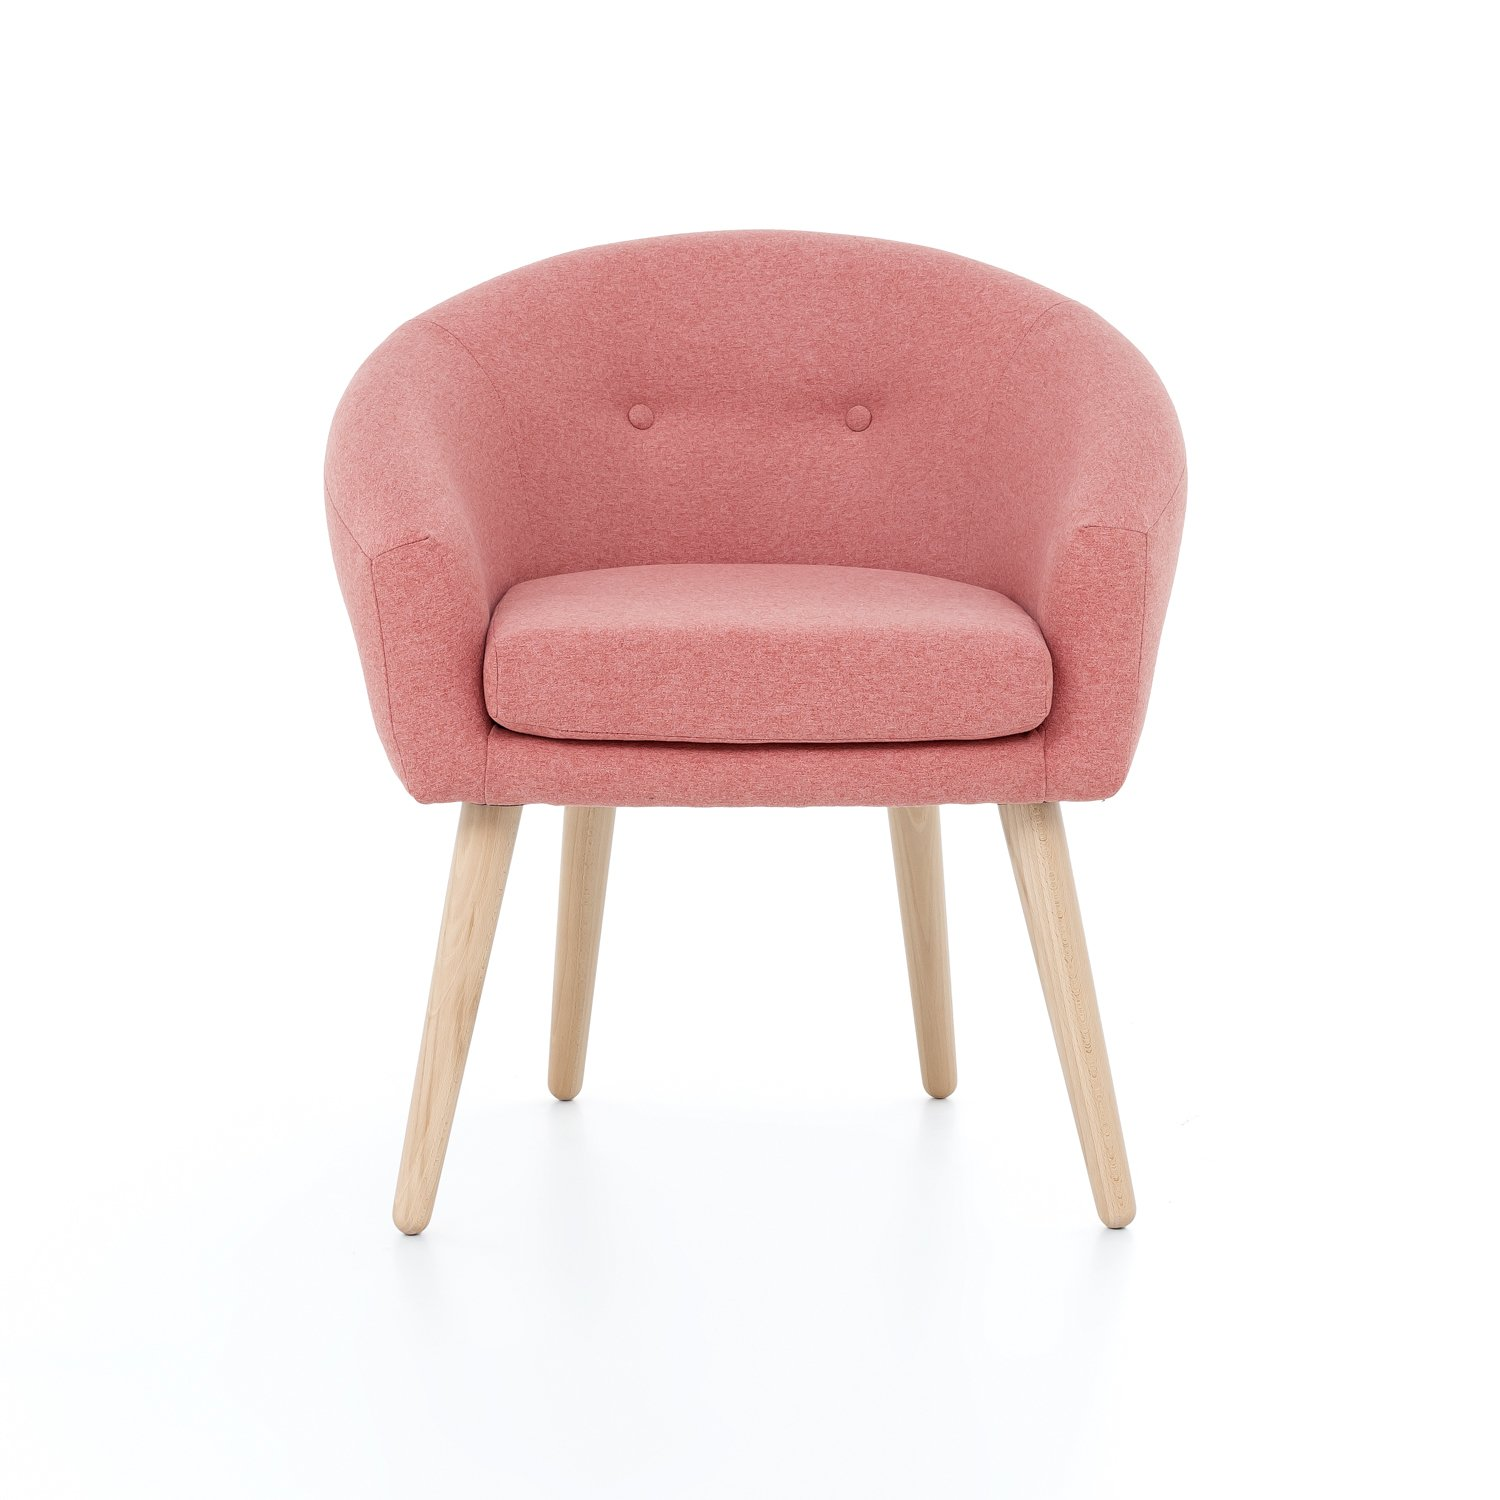 myHomery Milo Lounge Sessel gepolstert - Polsterstuhl für Esszimmer & Wohnzimmer - Vintagesessel mit Armlehnen - Eleganter Armlehnenstuhl aus Stoff - Retro - Lachs